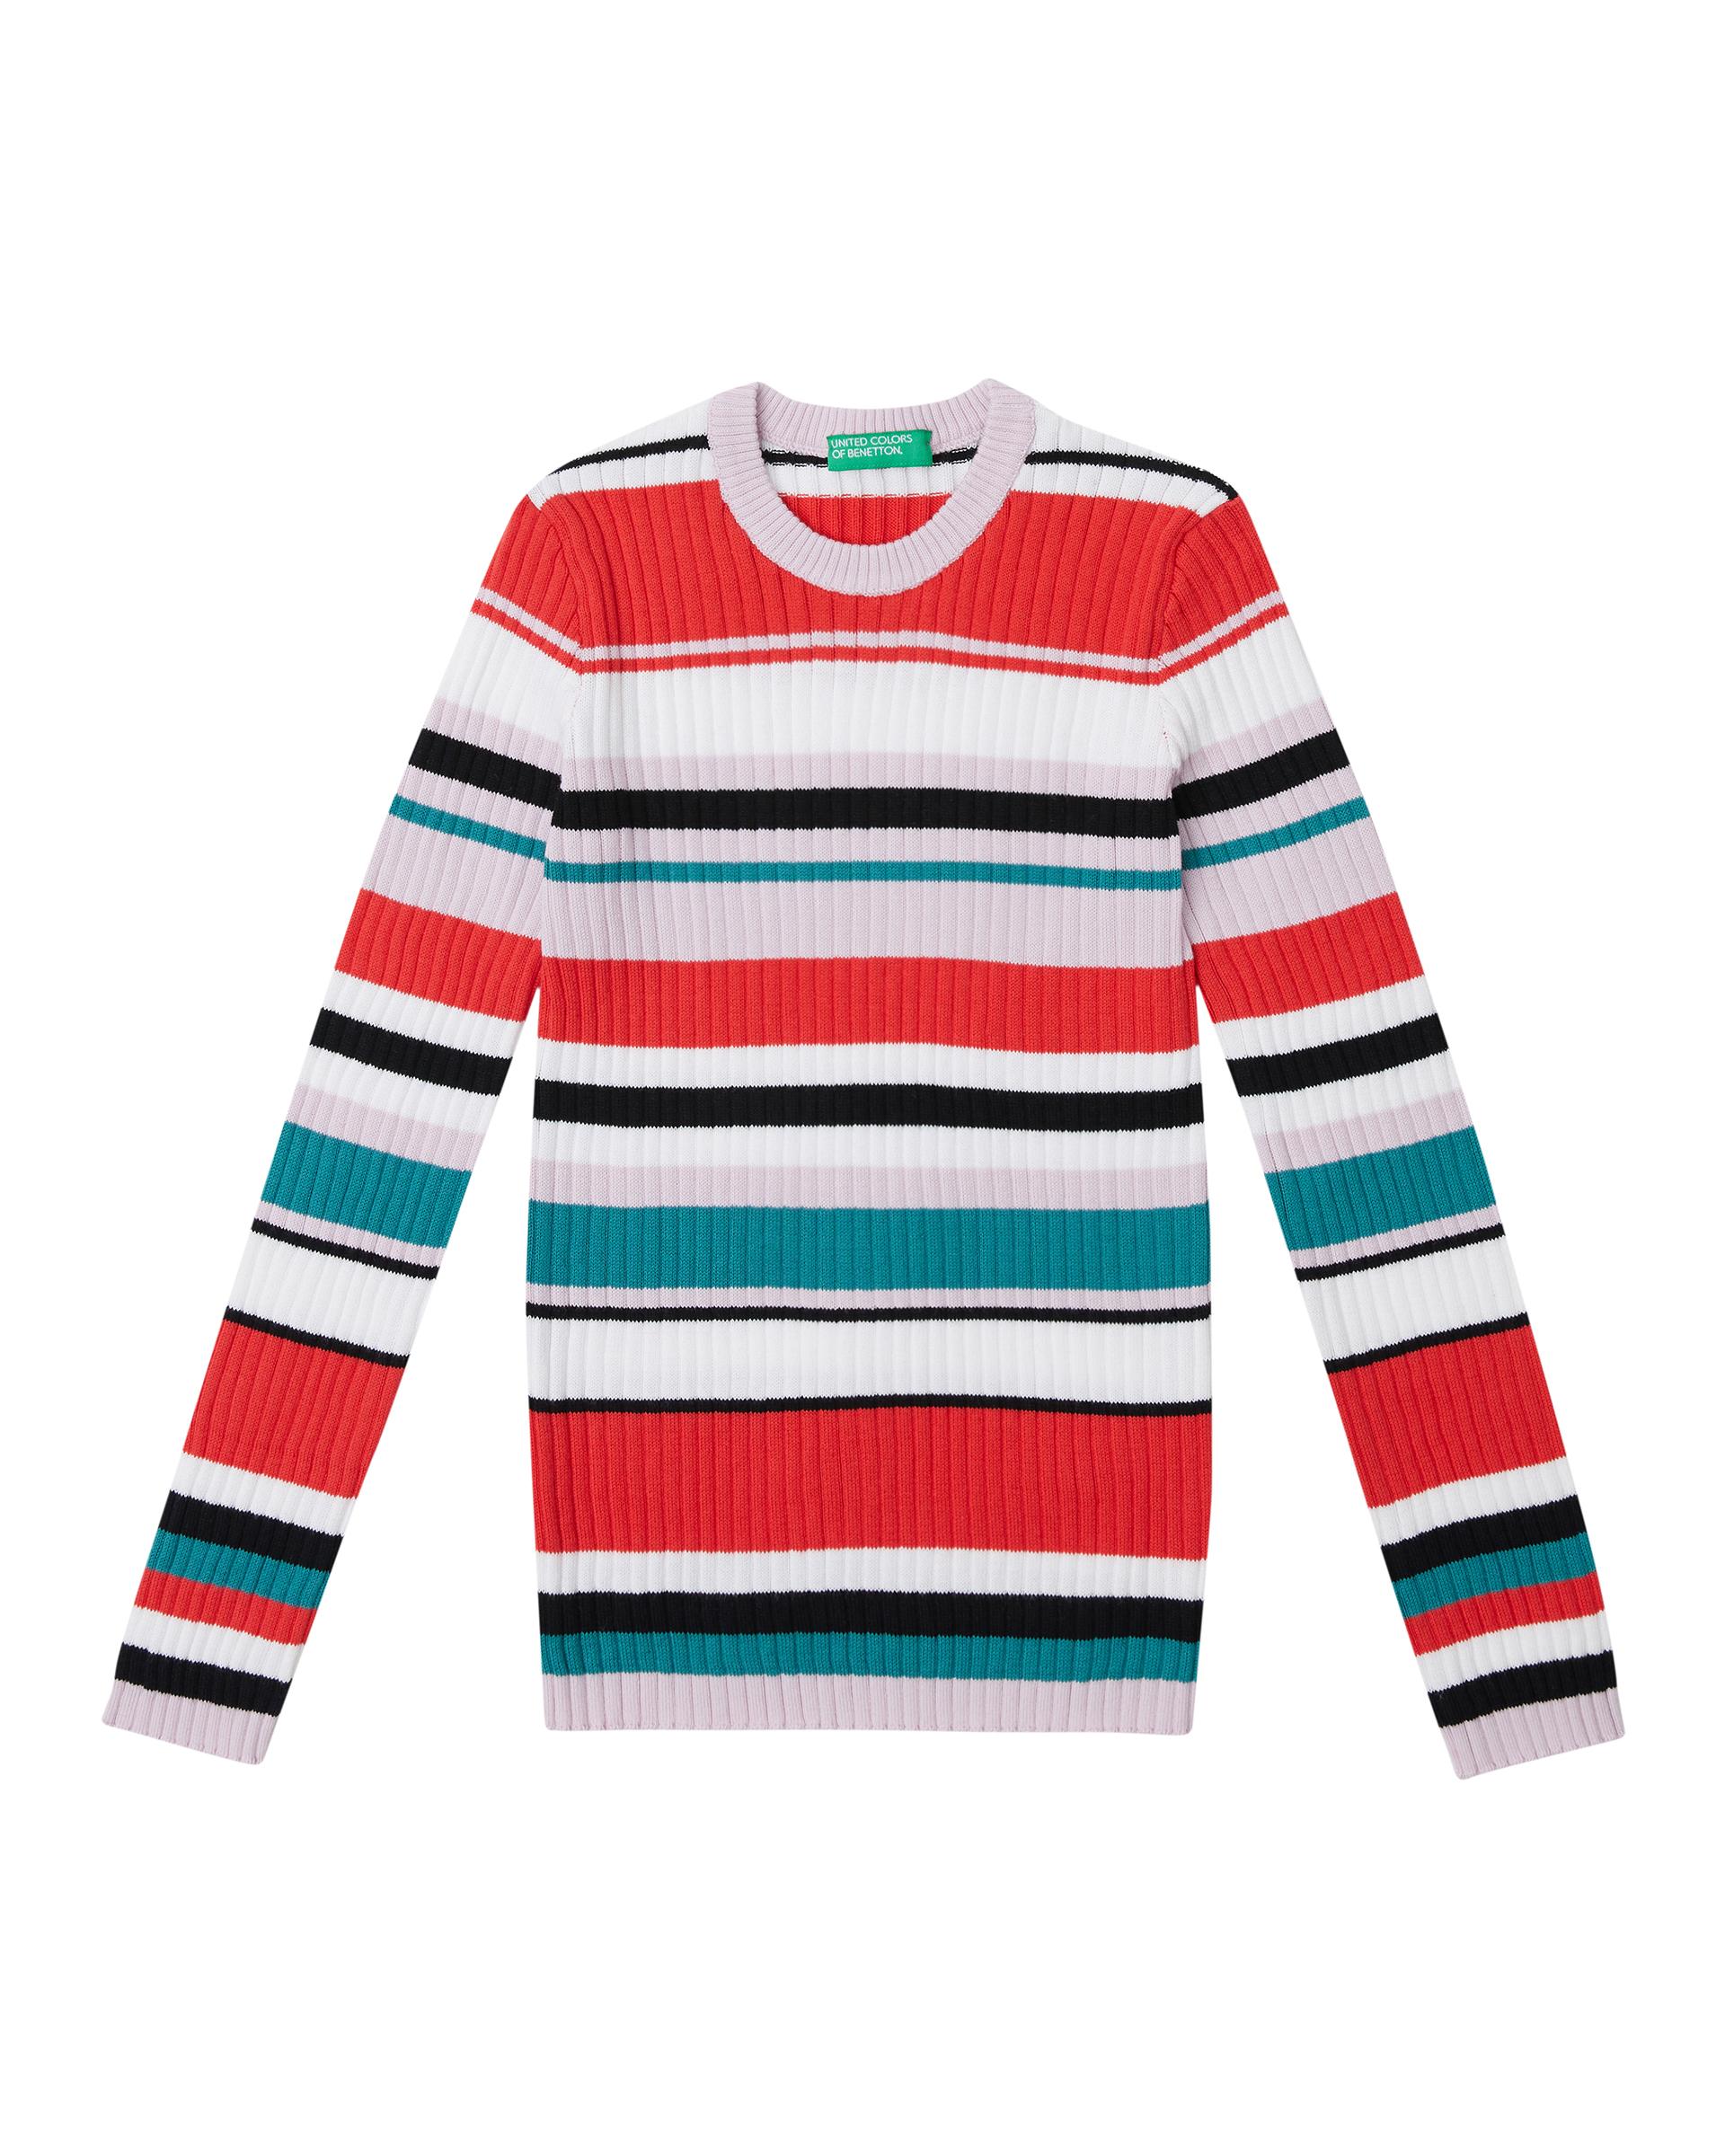 Купить 20P_1098Q1896_901, Джемпер для девочек Benetton 1098Q1896_901 р-р 152, United Colors of Benetton, Джемперы для девочек